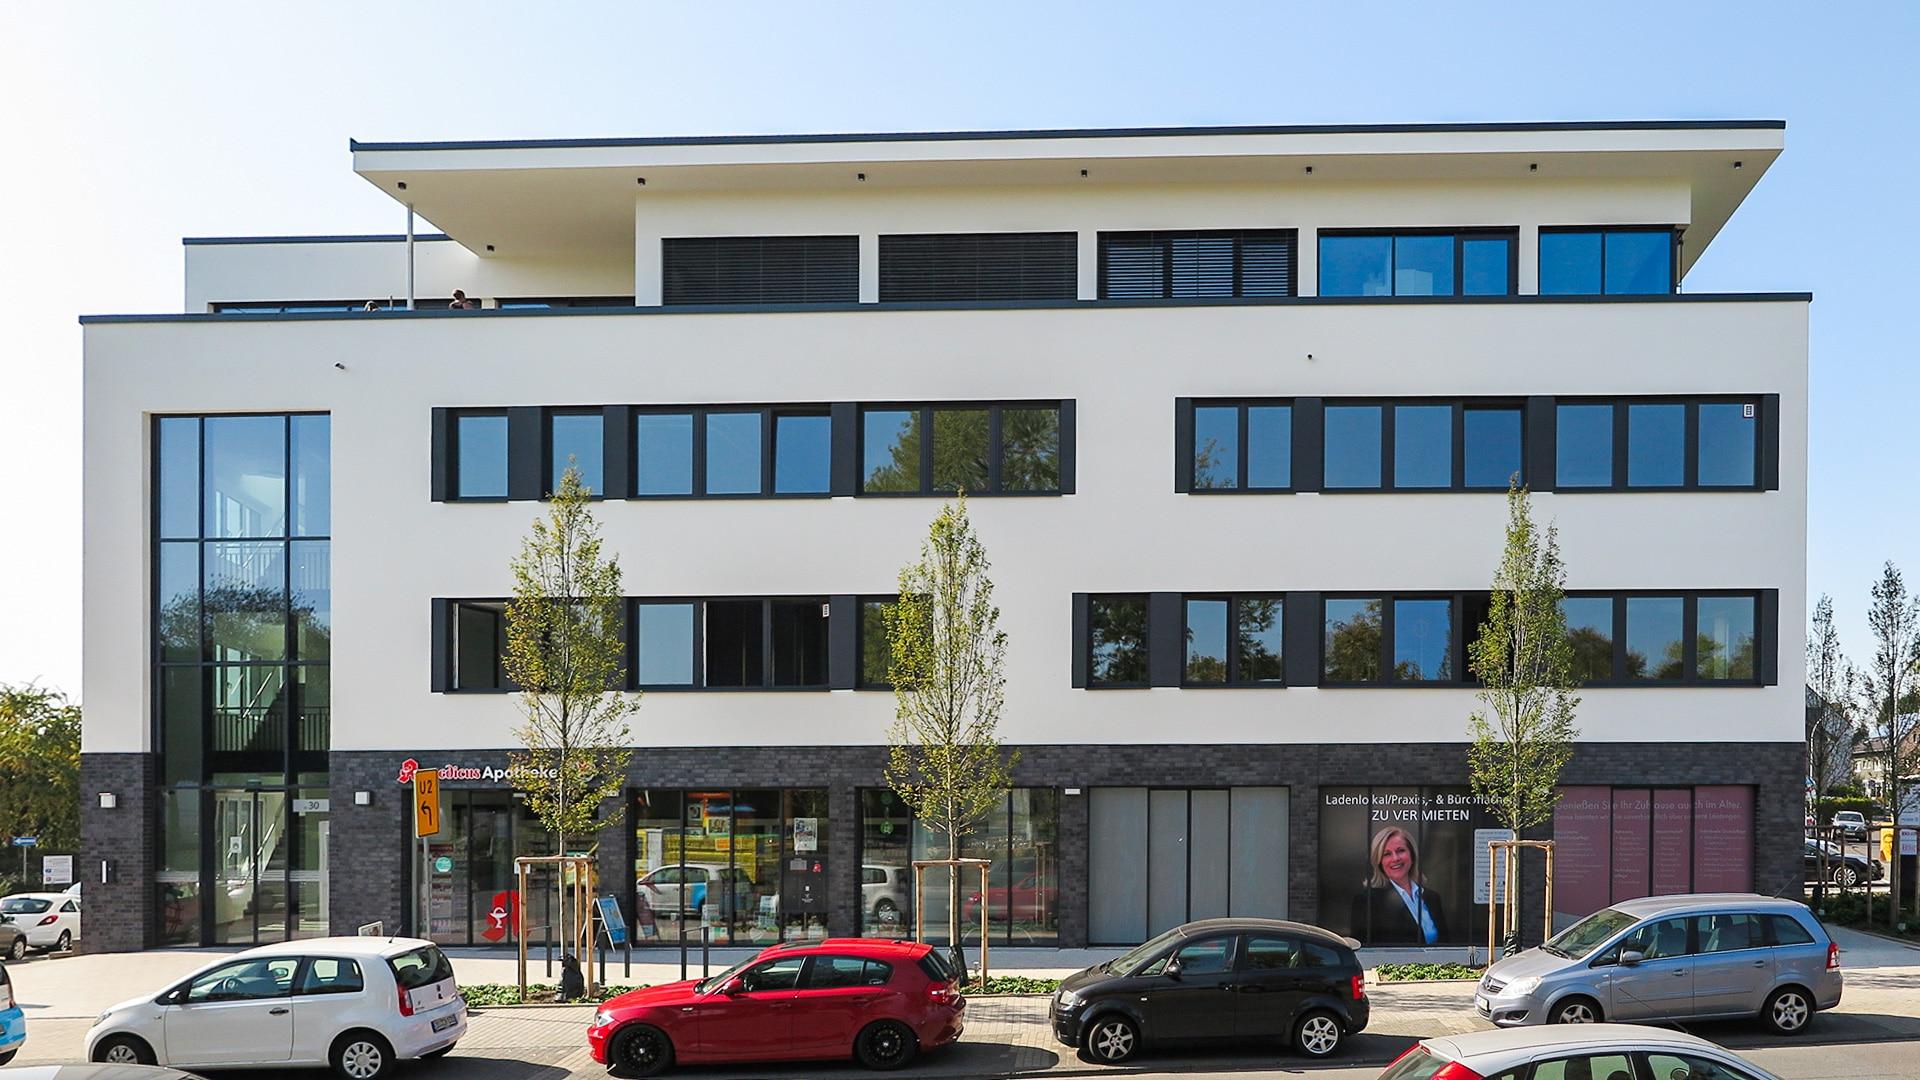 Das dreigeschossige Wohn- und Gesundheitszentrum im Stadtteil Schüren an der Gevelsbergstraße 30. (Foto: IN-Stadtmagazine)